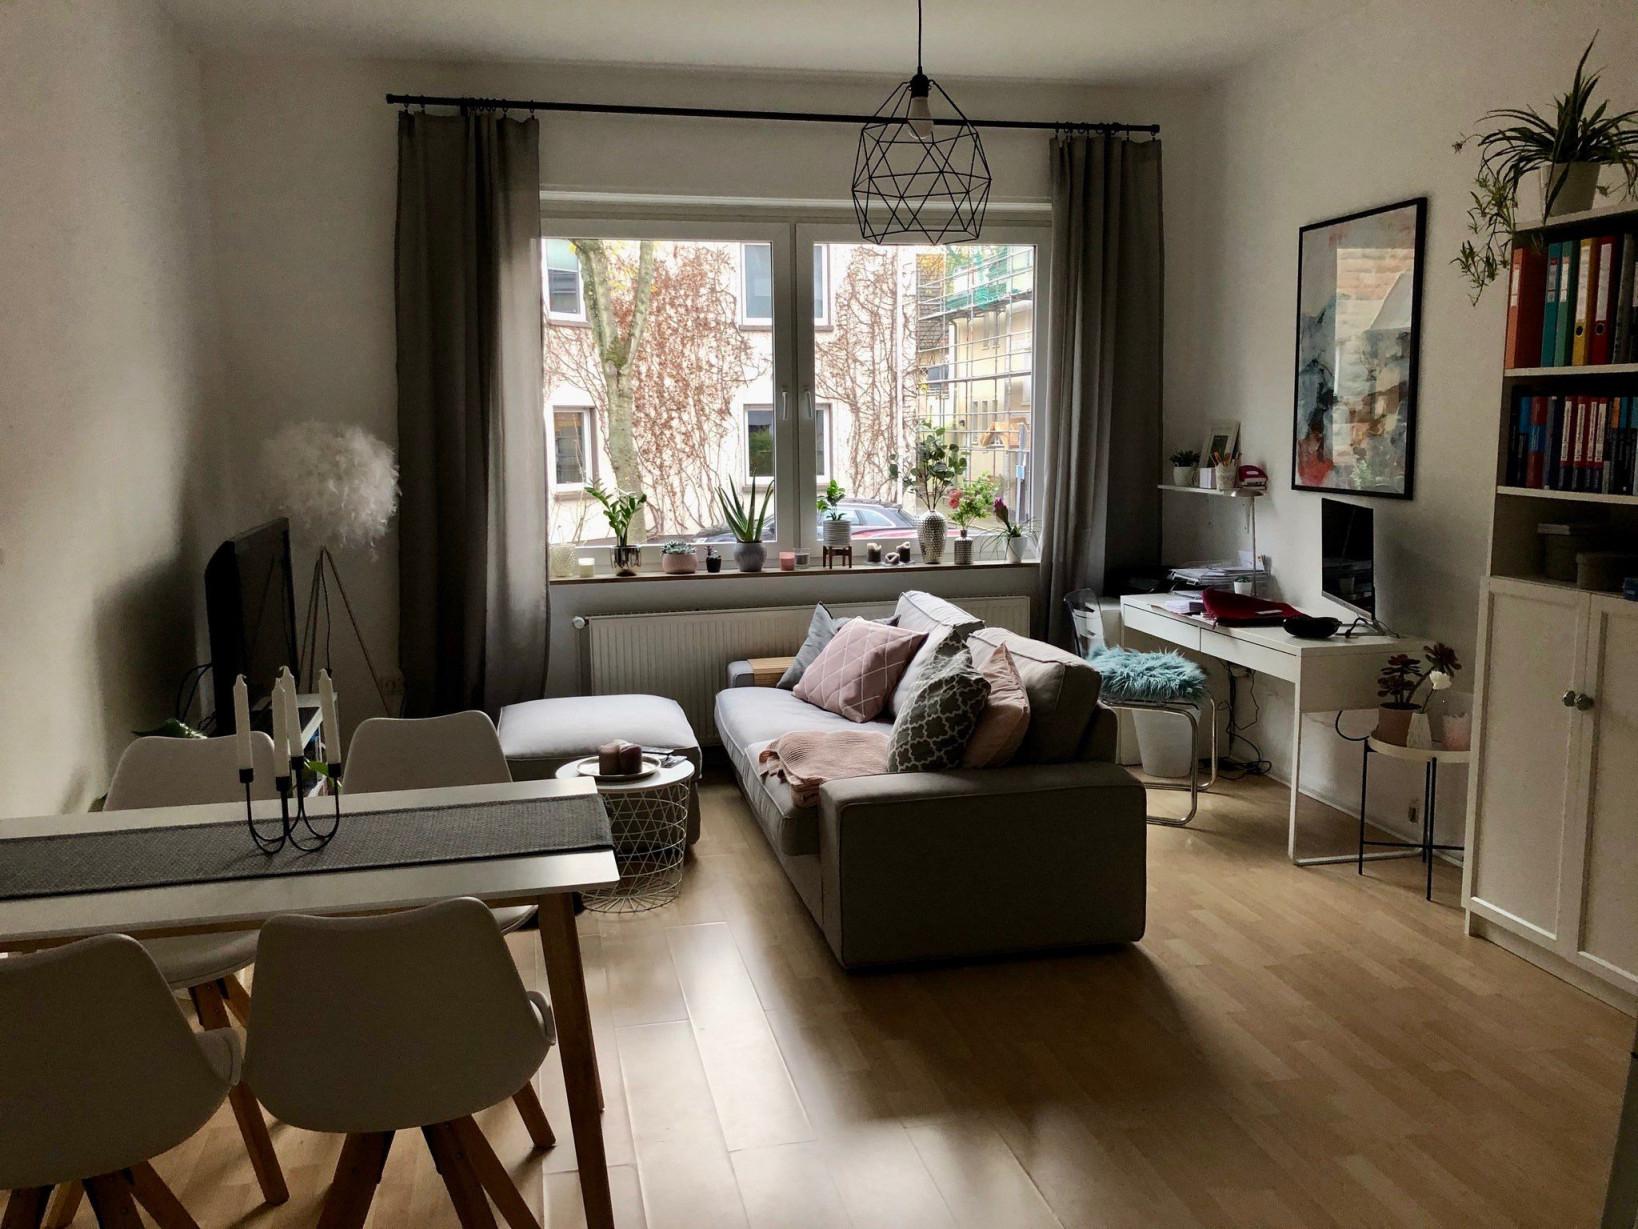 Schönes Wohn Und Esszimmer  Wohnung Innenarchitektur von Wohnzimmer Mit Esstisch Ideen Bild